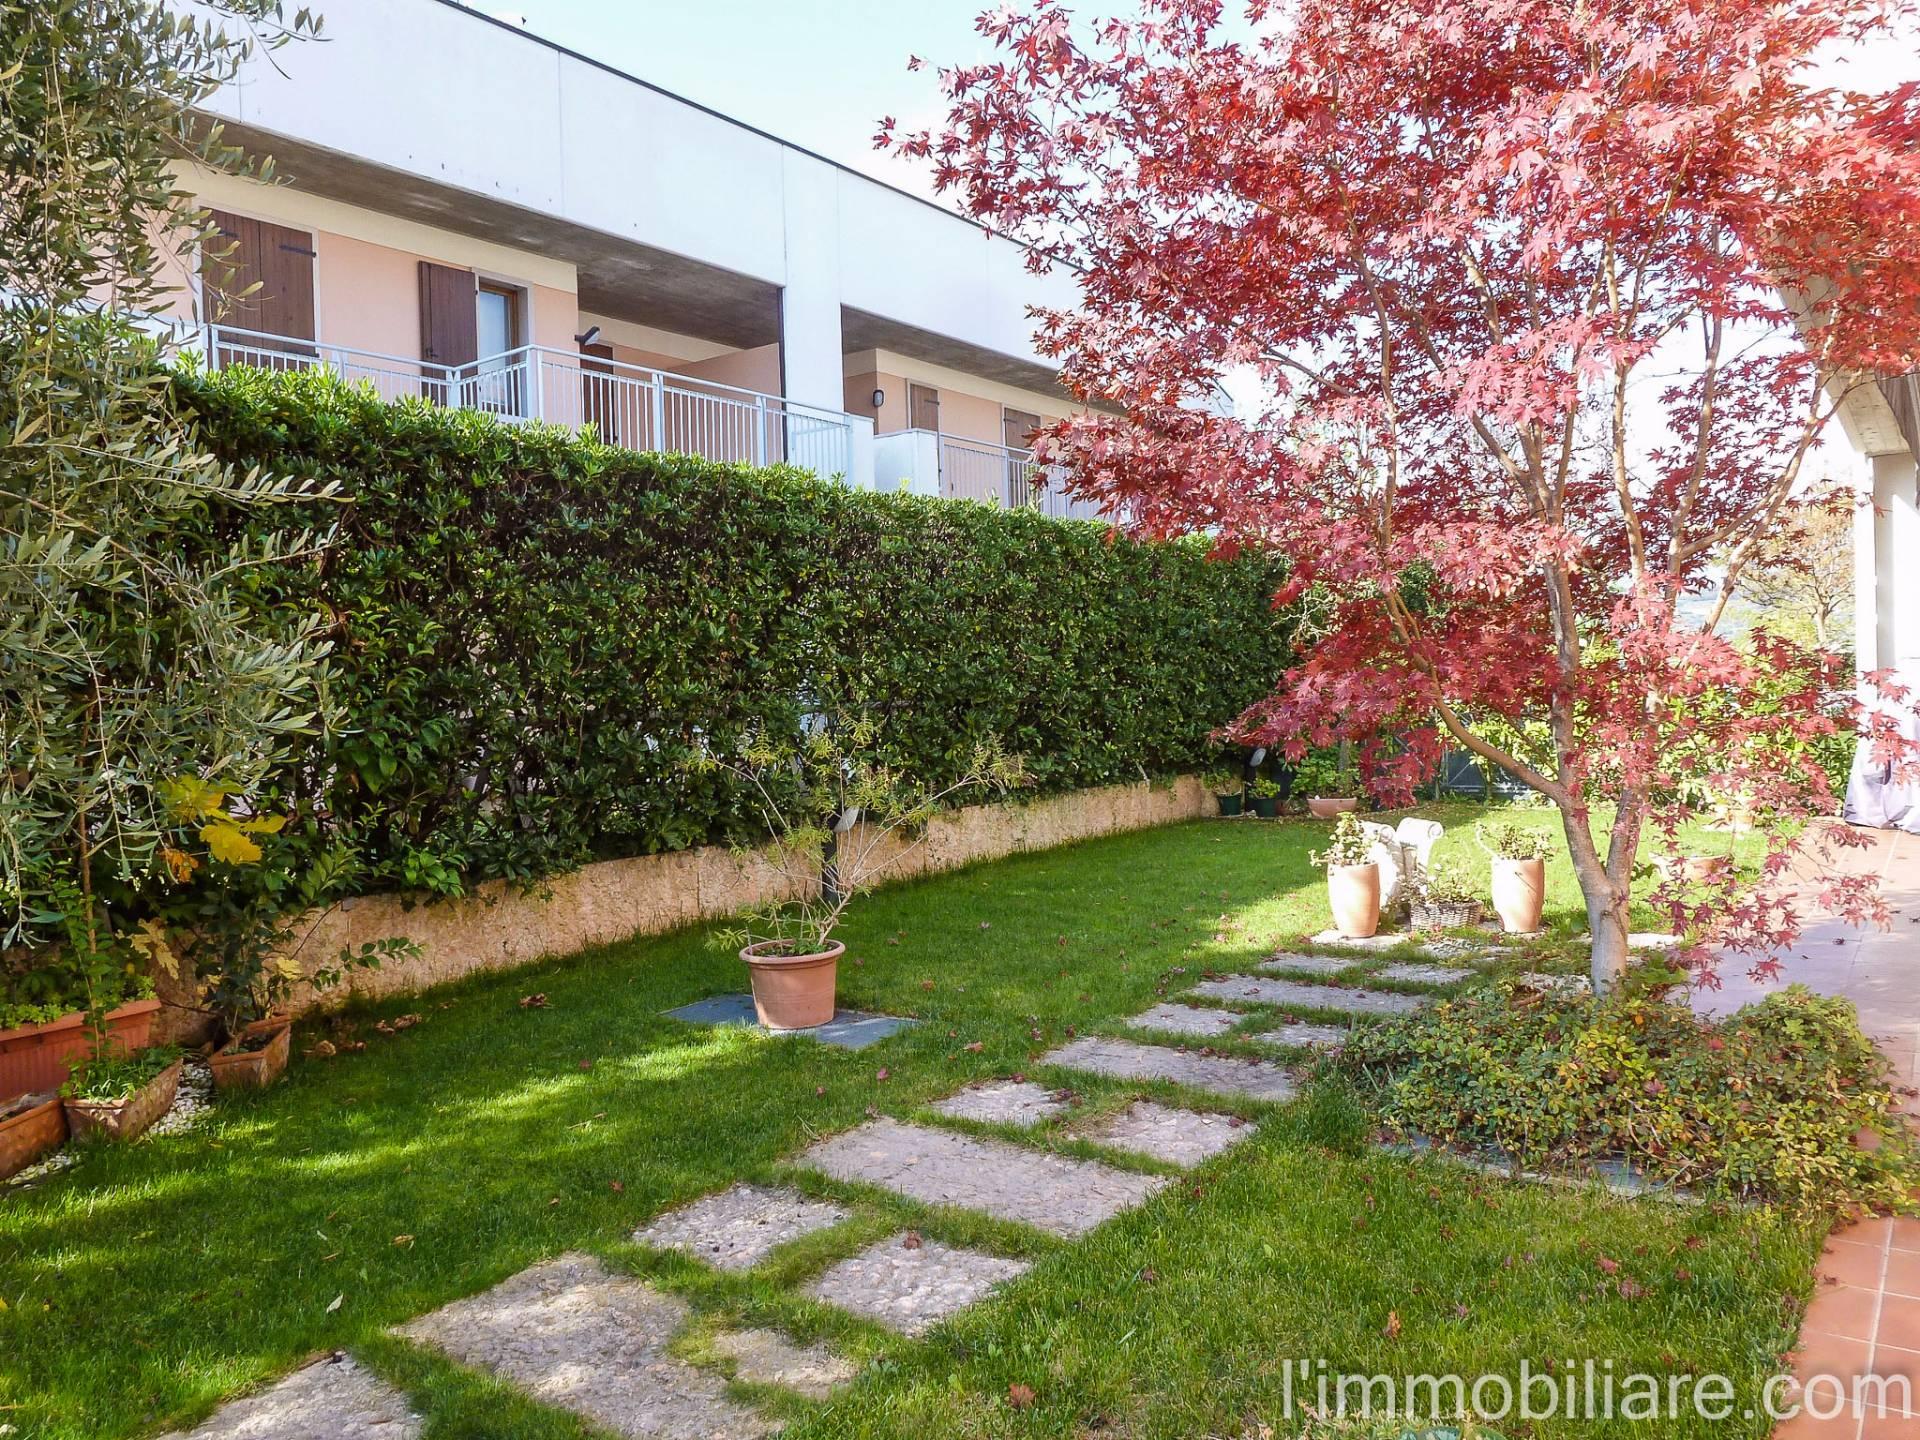 Villa a Schiera in affitto a Negrar, 5 locali, zona Località: S.aMaria, prezzo € 1.200 | Cambio Casa.it